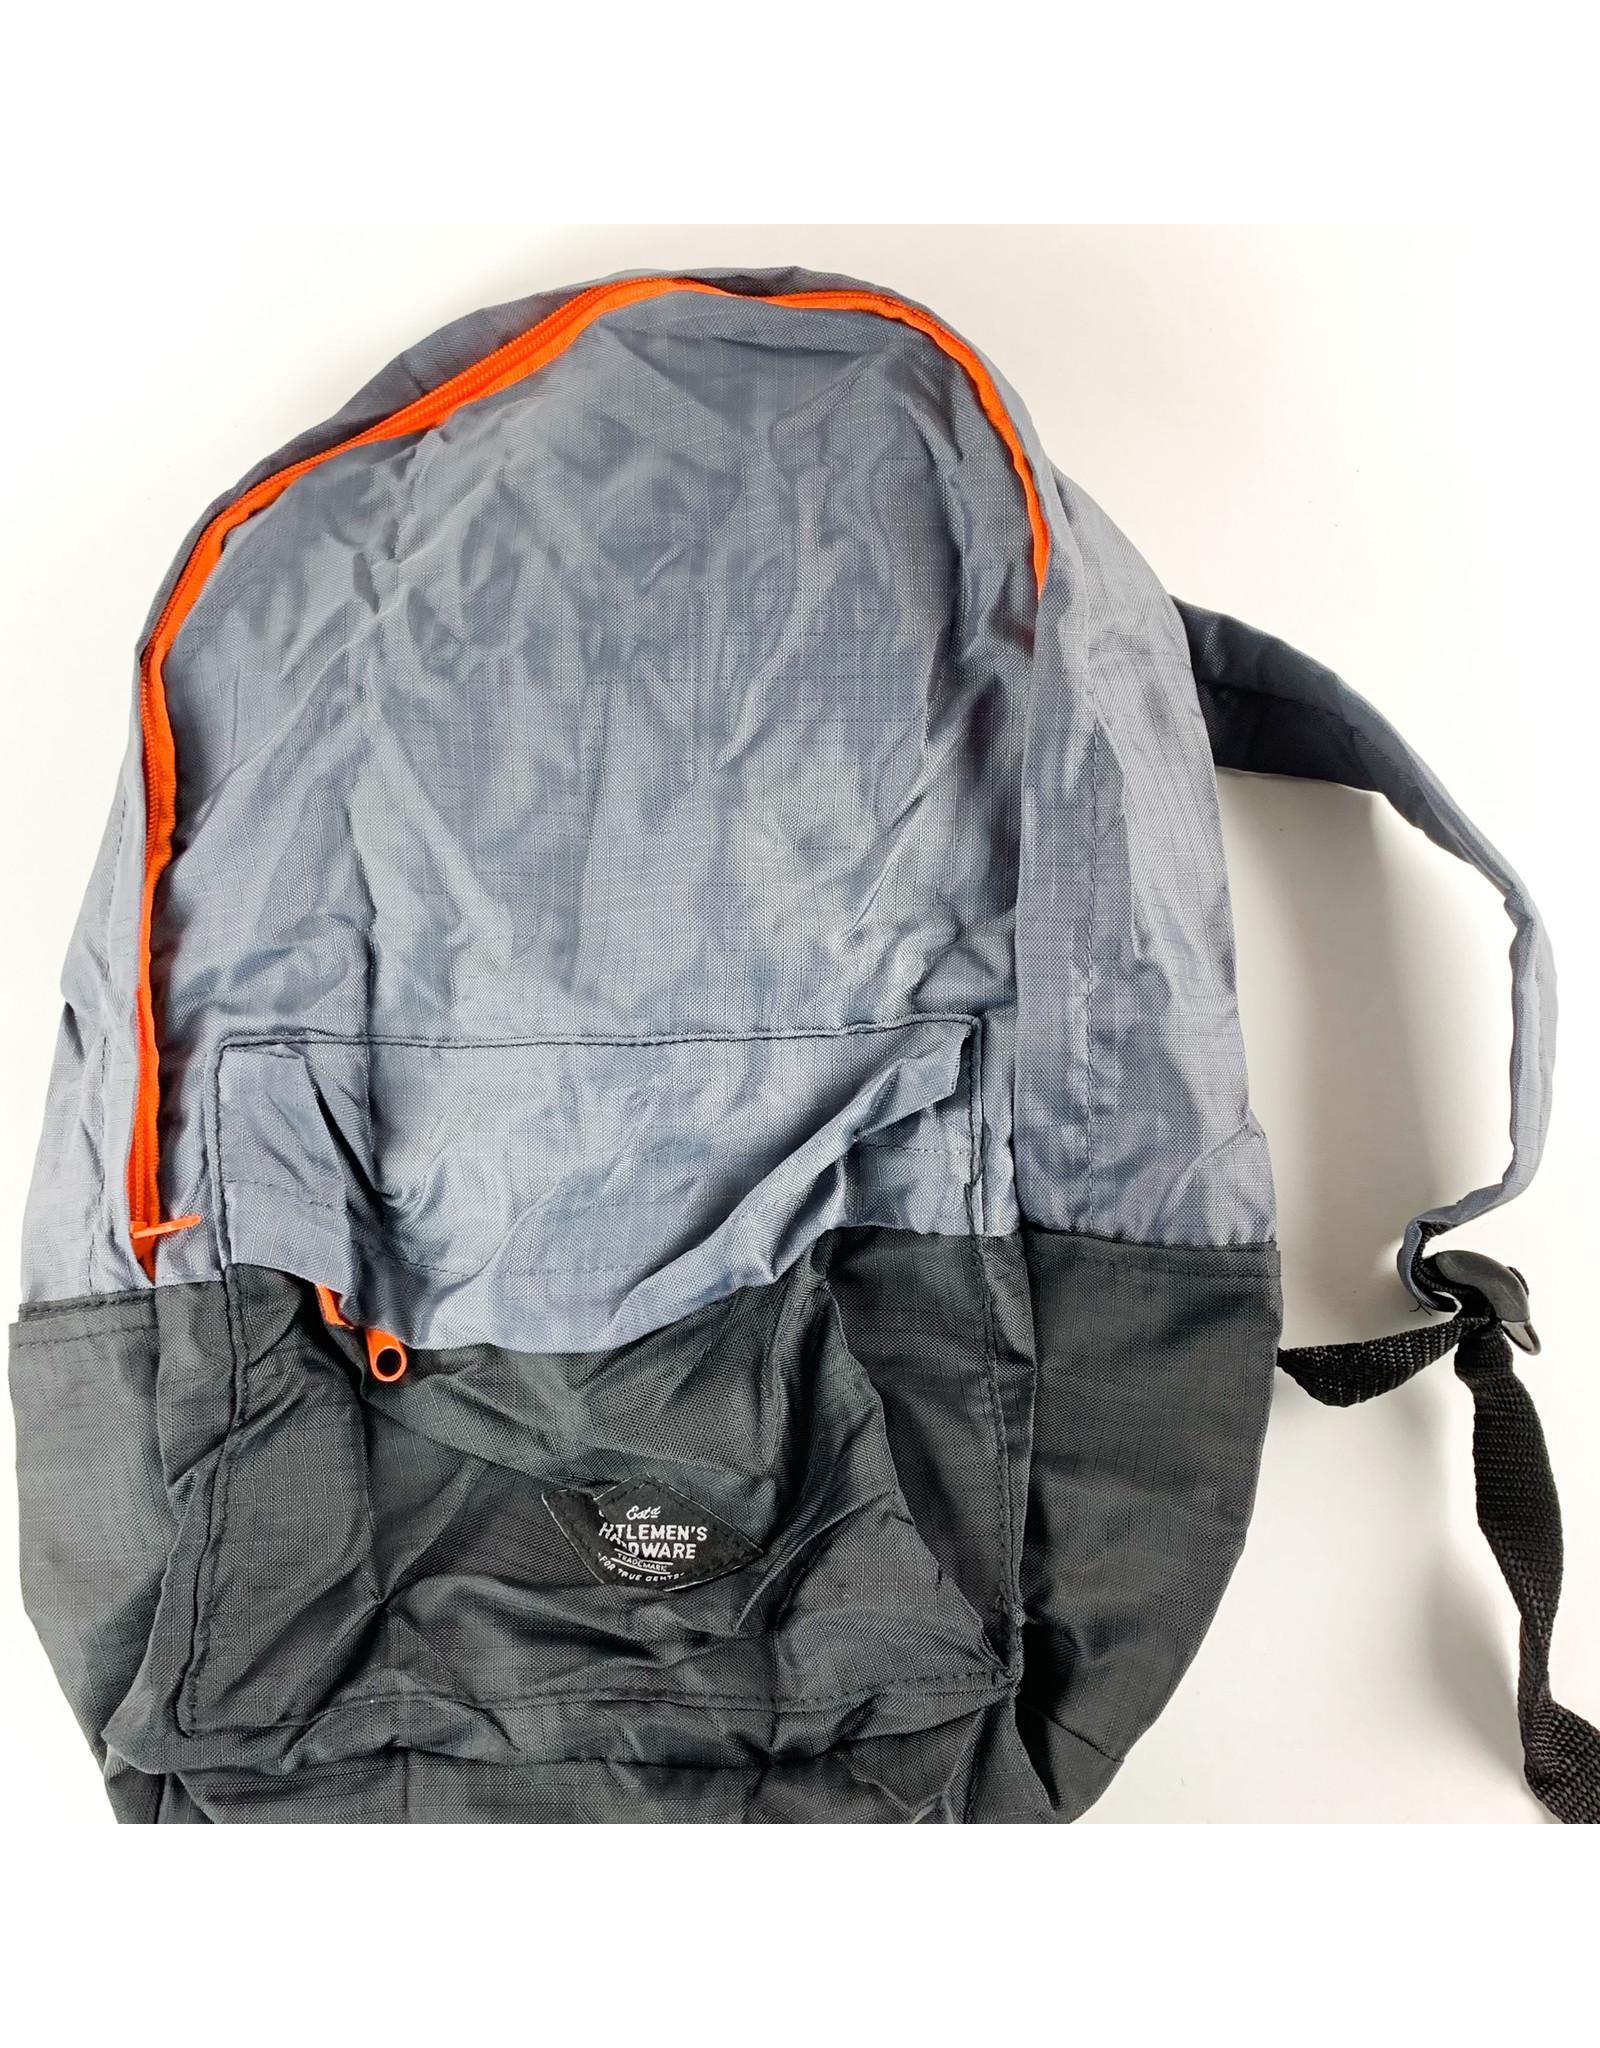 Gentlemen's Hardware Foldaway Backpack